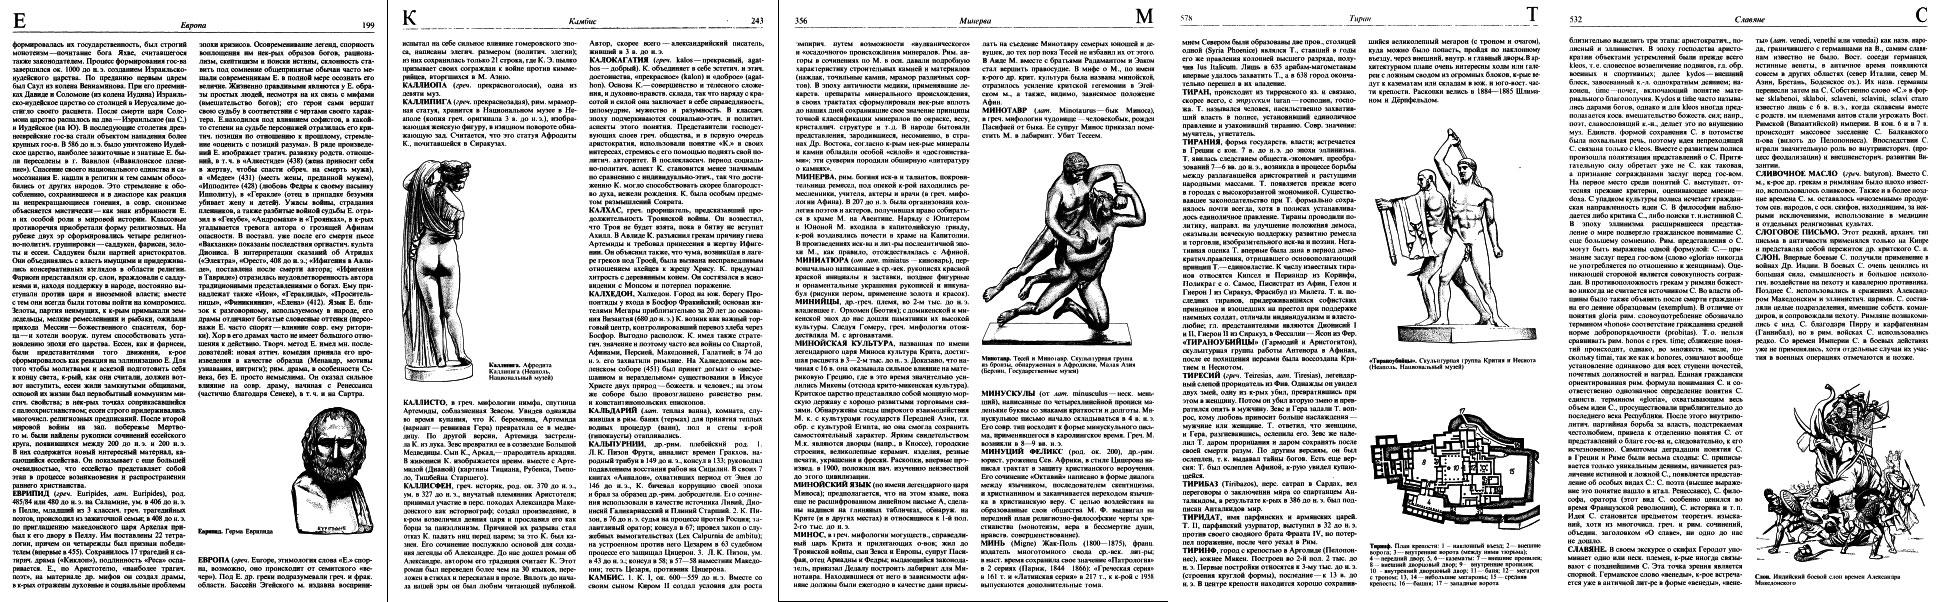 Иллюстрации к словарным статьям. Йоханнес Ирмшер, Рената Йоне. Словарь античности, 1989 год